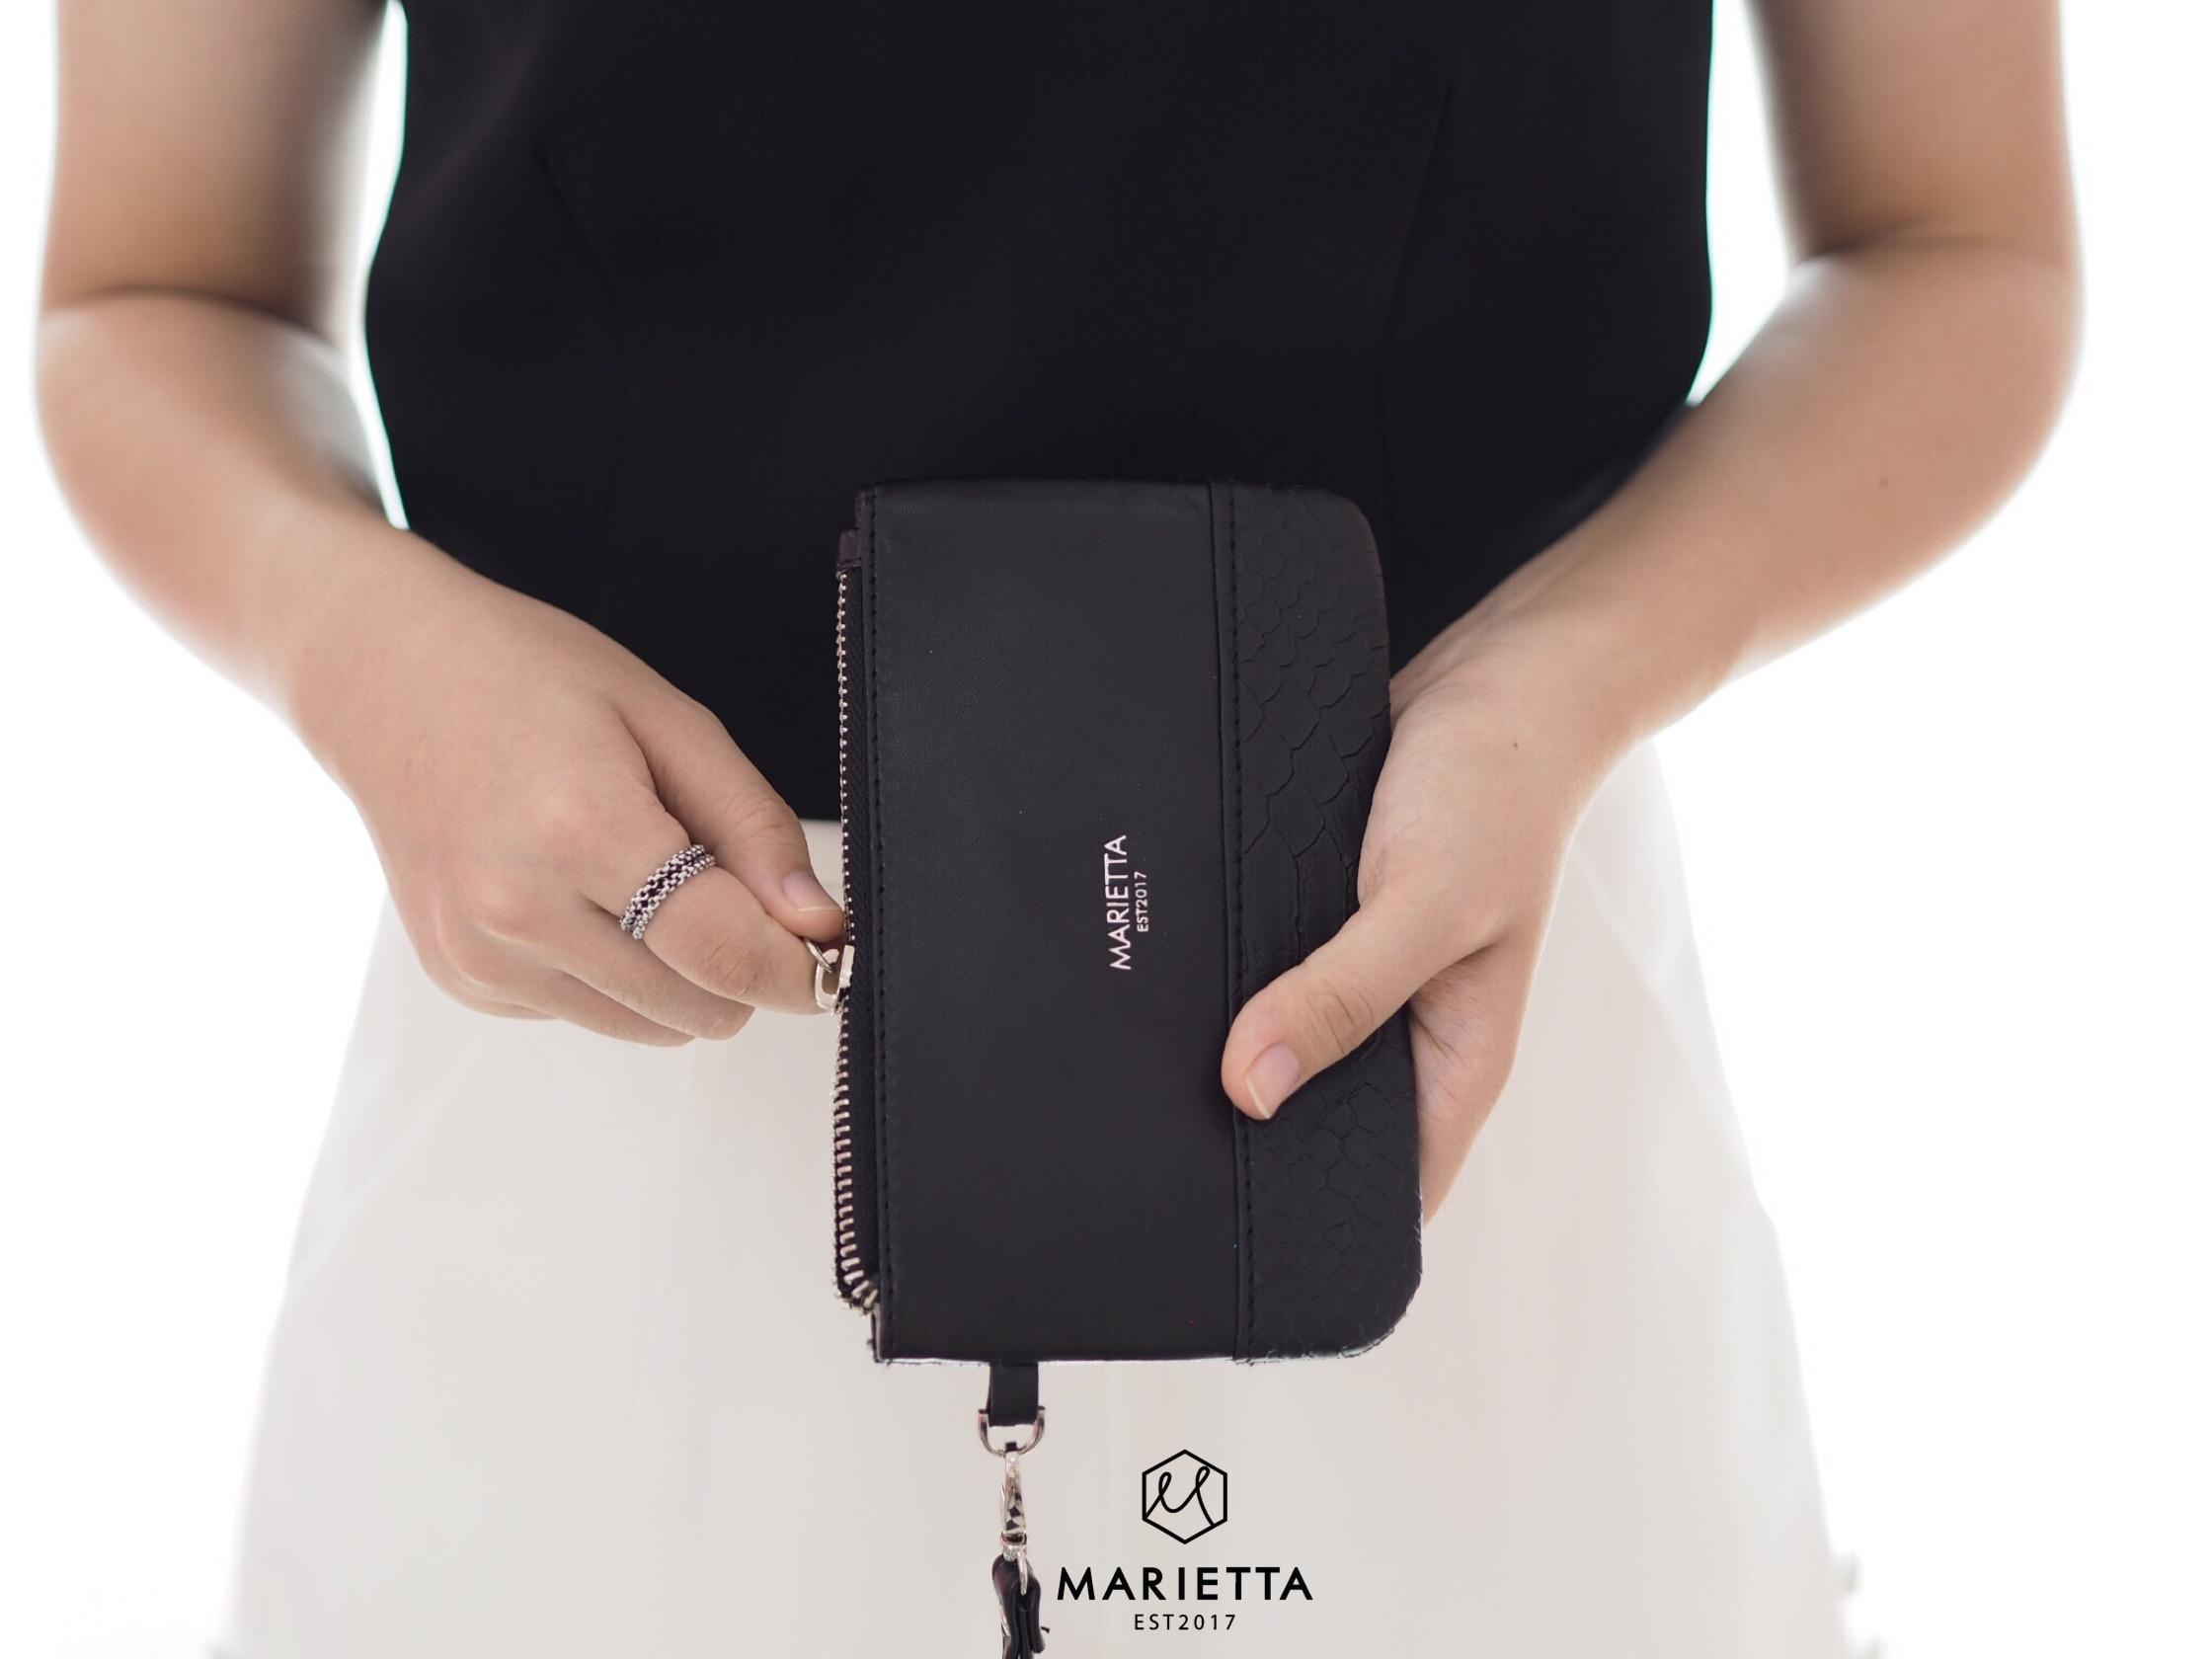 กระเป๋า,กระเป๋าสตางค์,กระเป๋าถือ,กระเป๋าใบเล็ก,TinnyLINDA